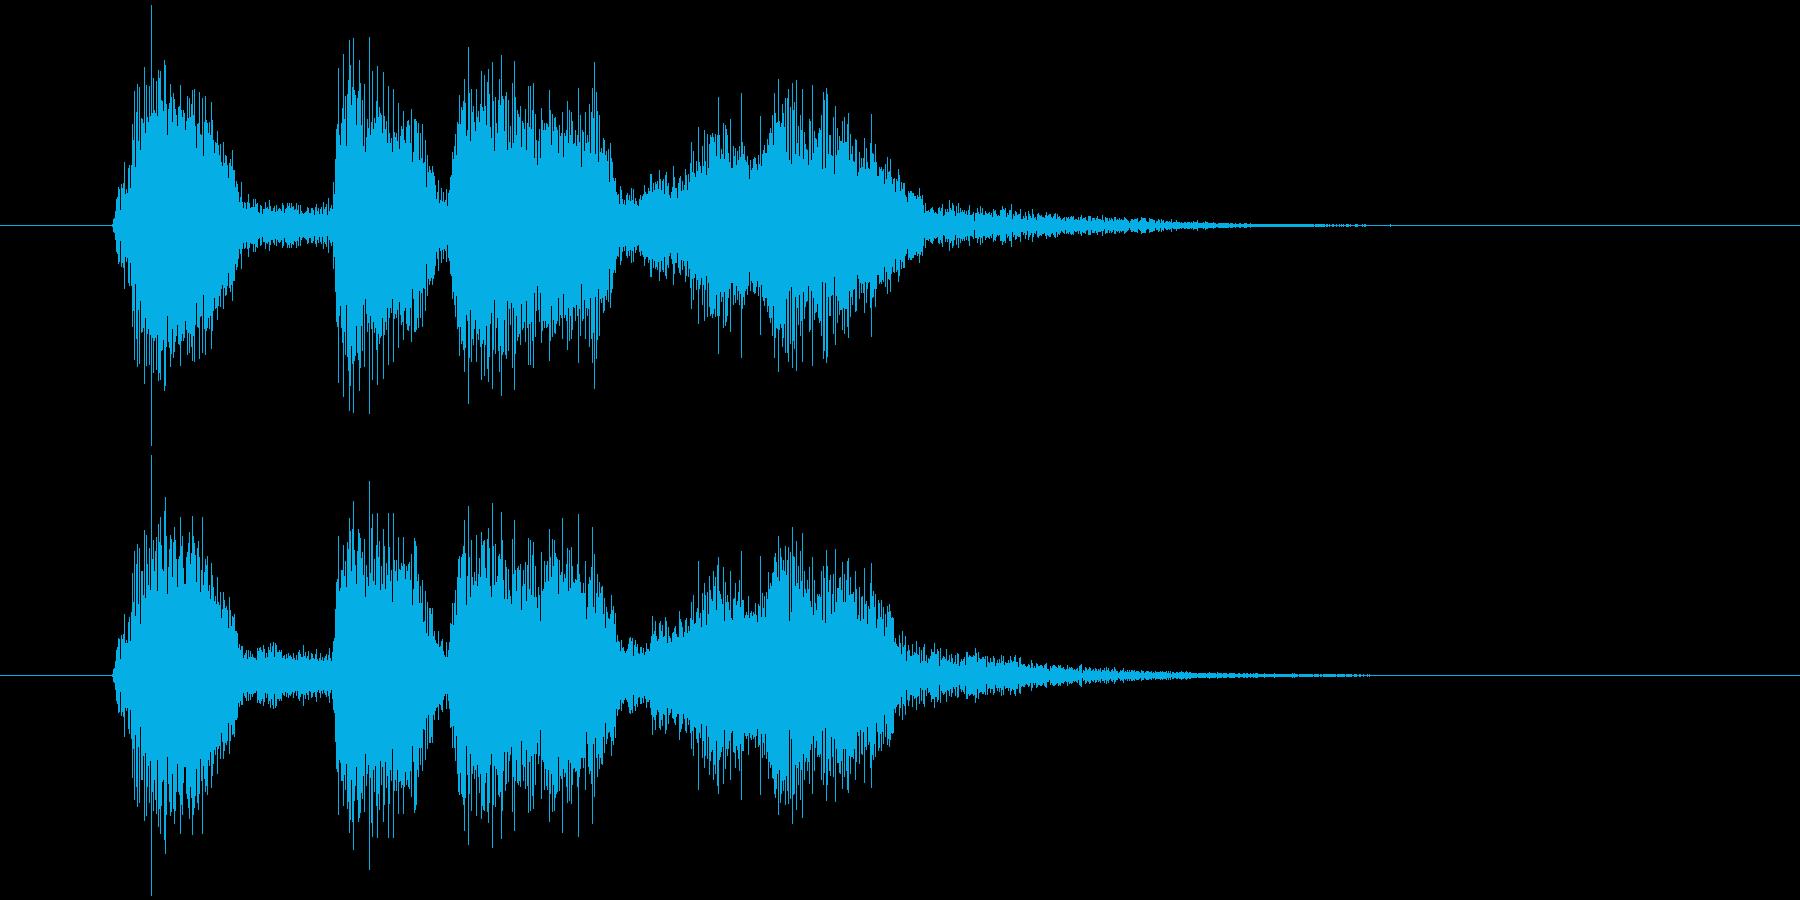 「♫ネットラジオ♫」というボイスジングルの再生済みの波形